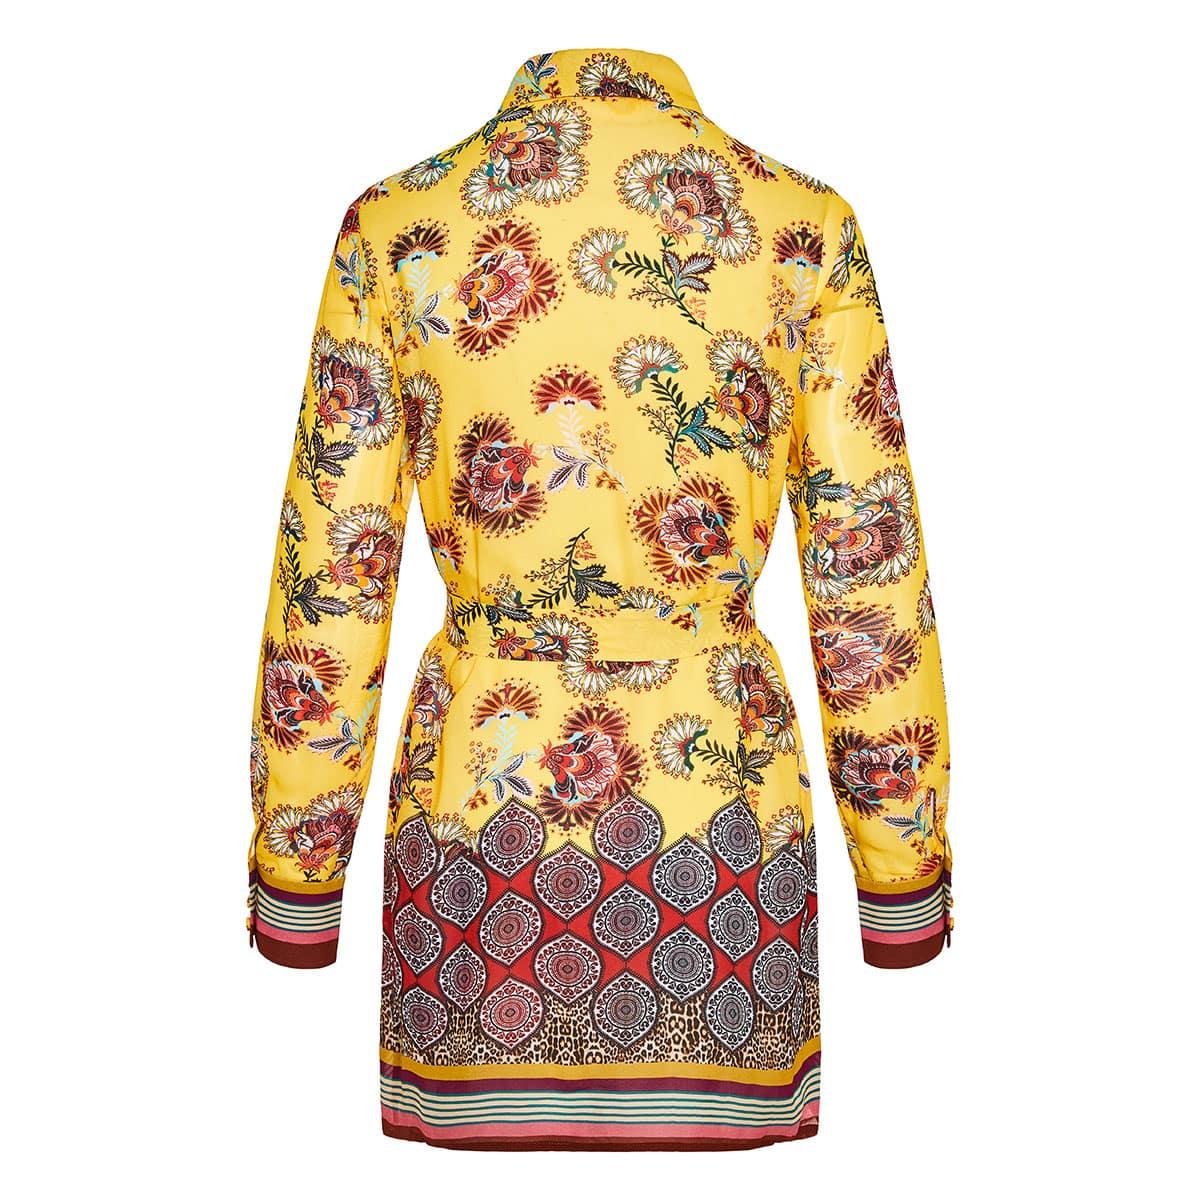 Foley floral belted shirt